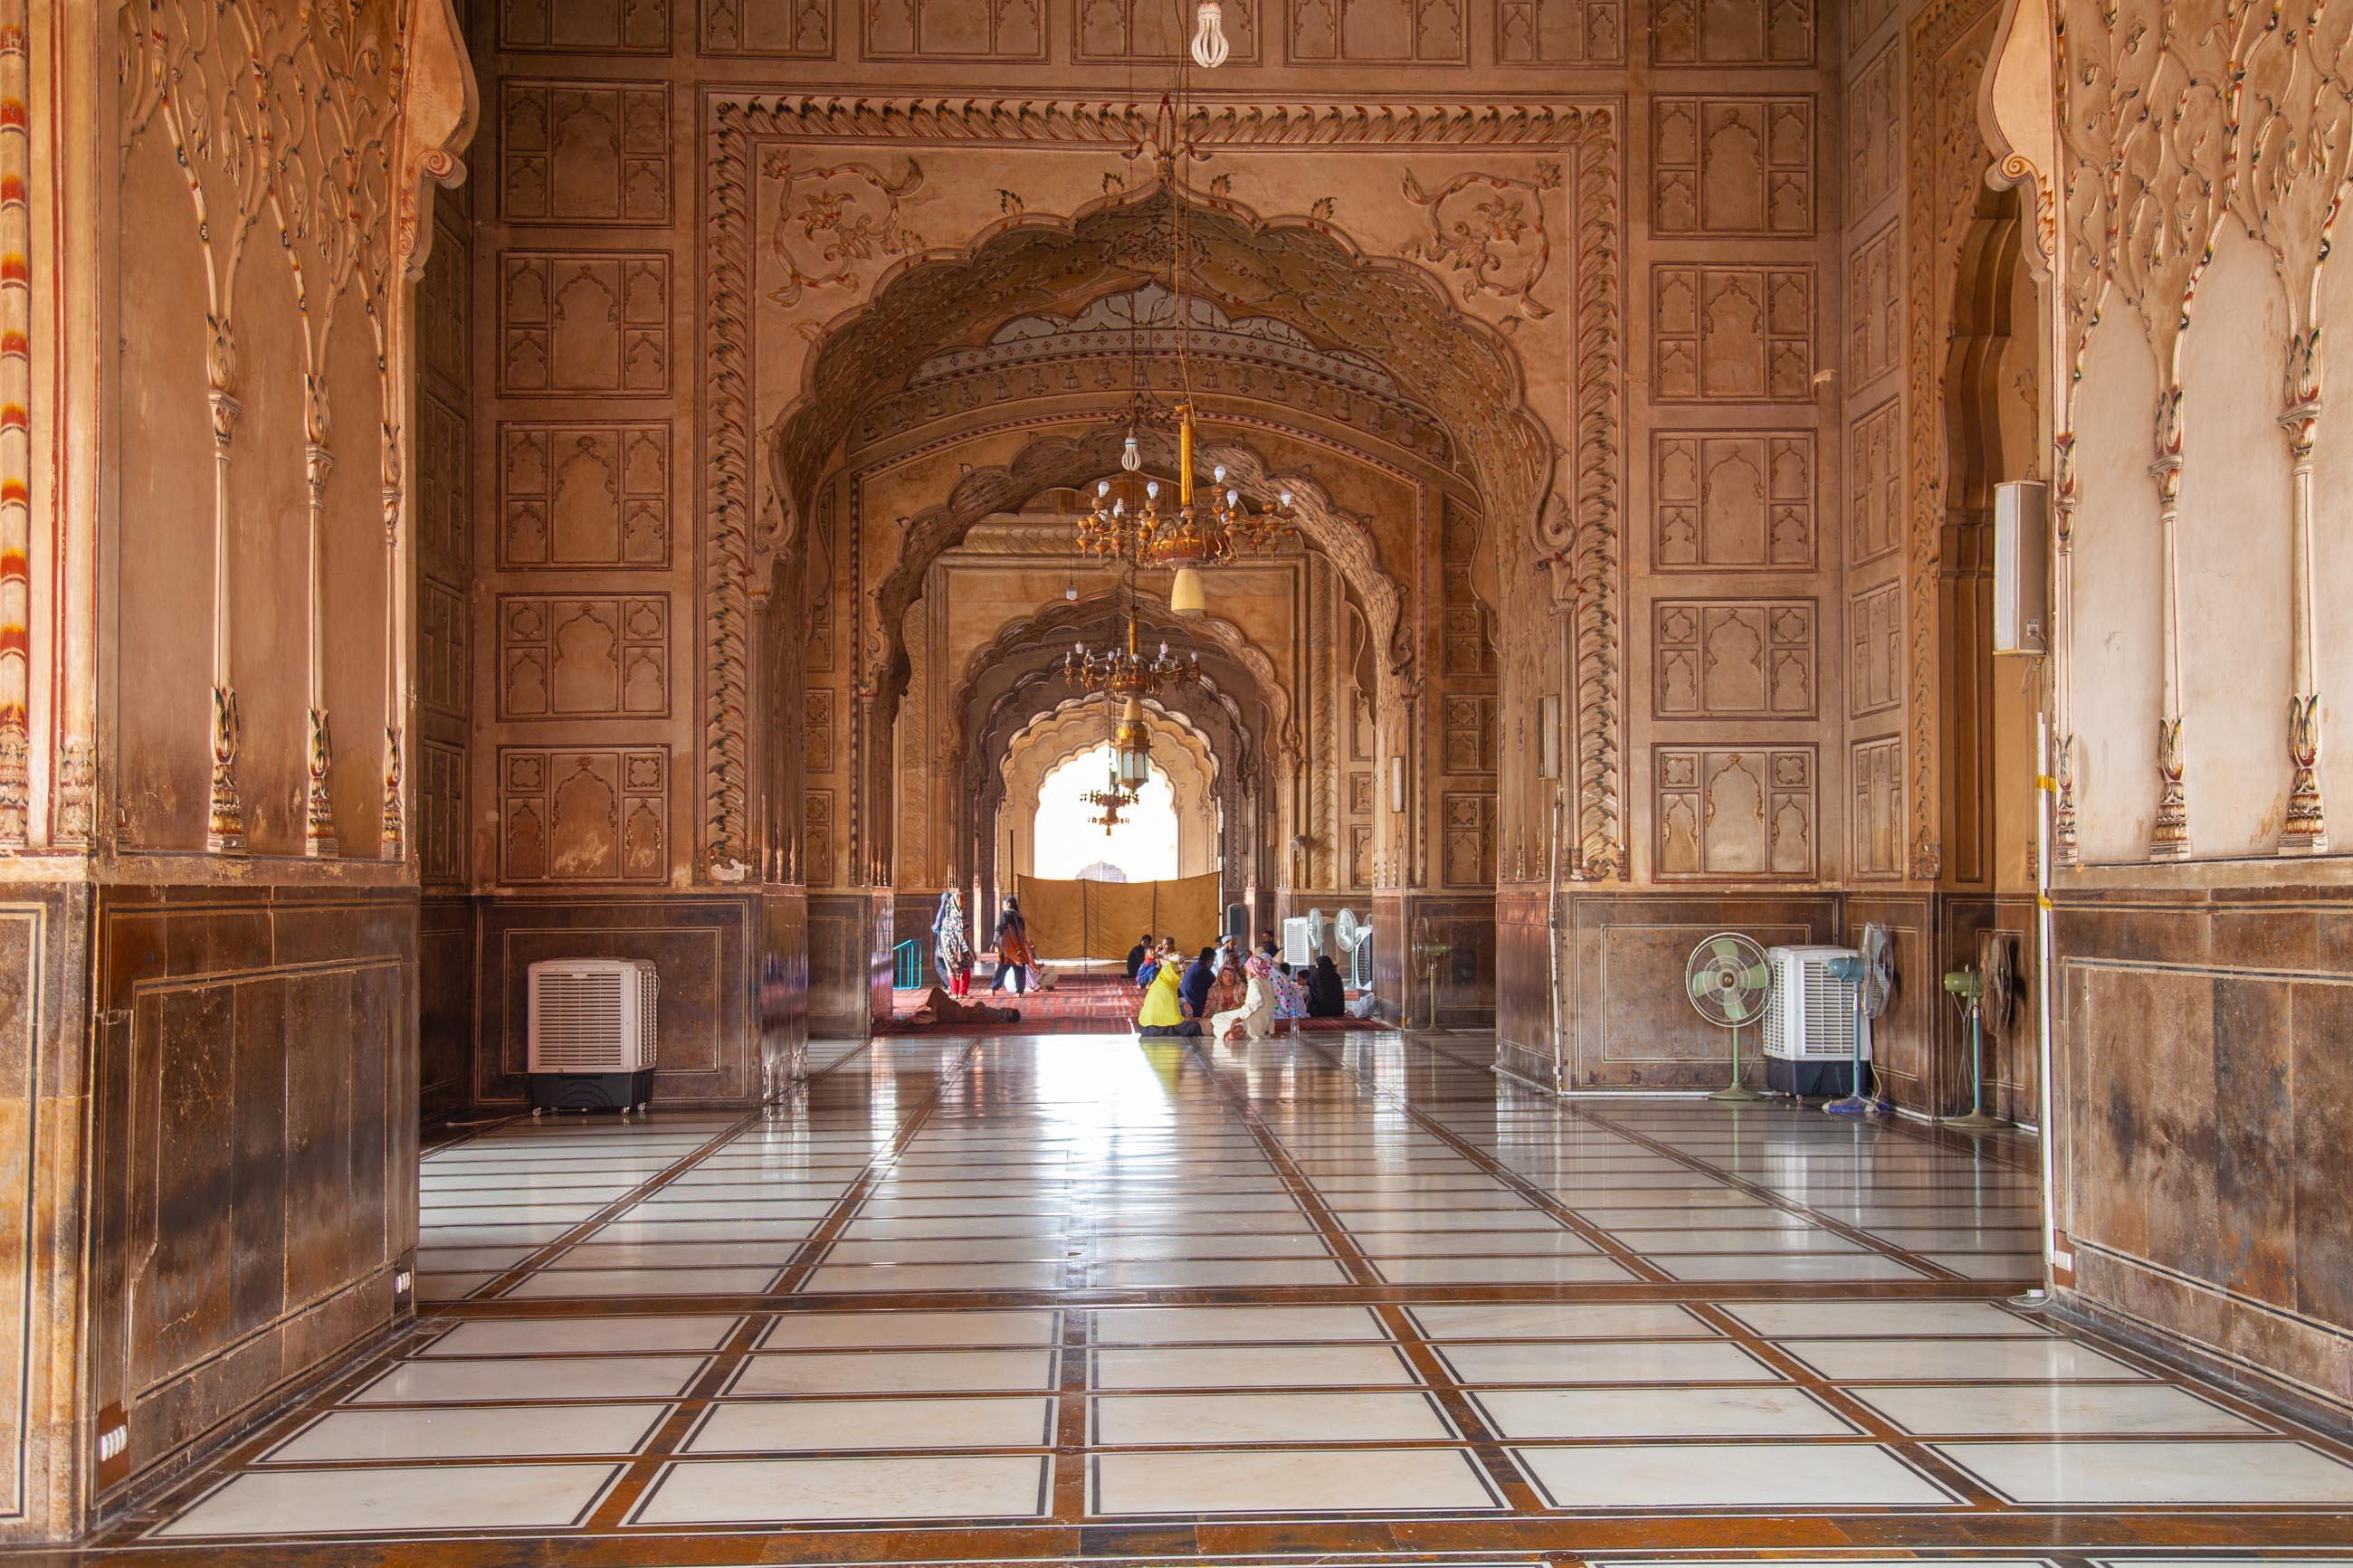 https://bubo.sk/uploads/galleries/4920/samuelklc_pakistan_lahore_img_0021.jpg